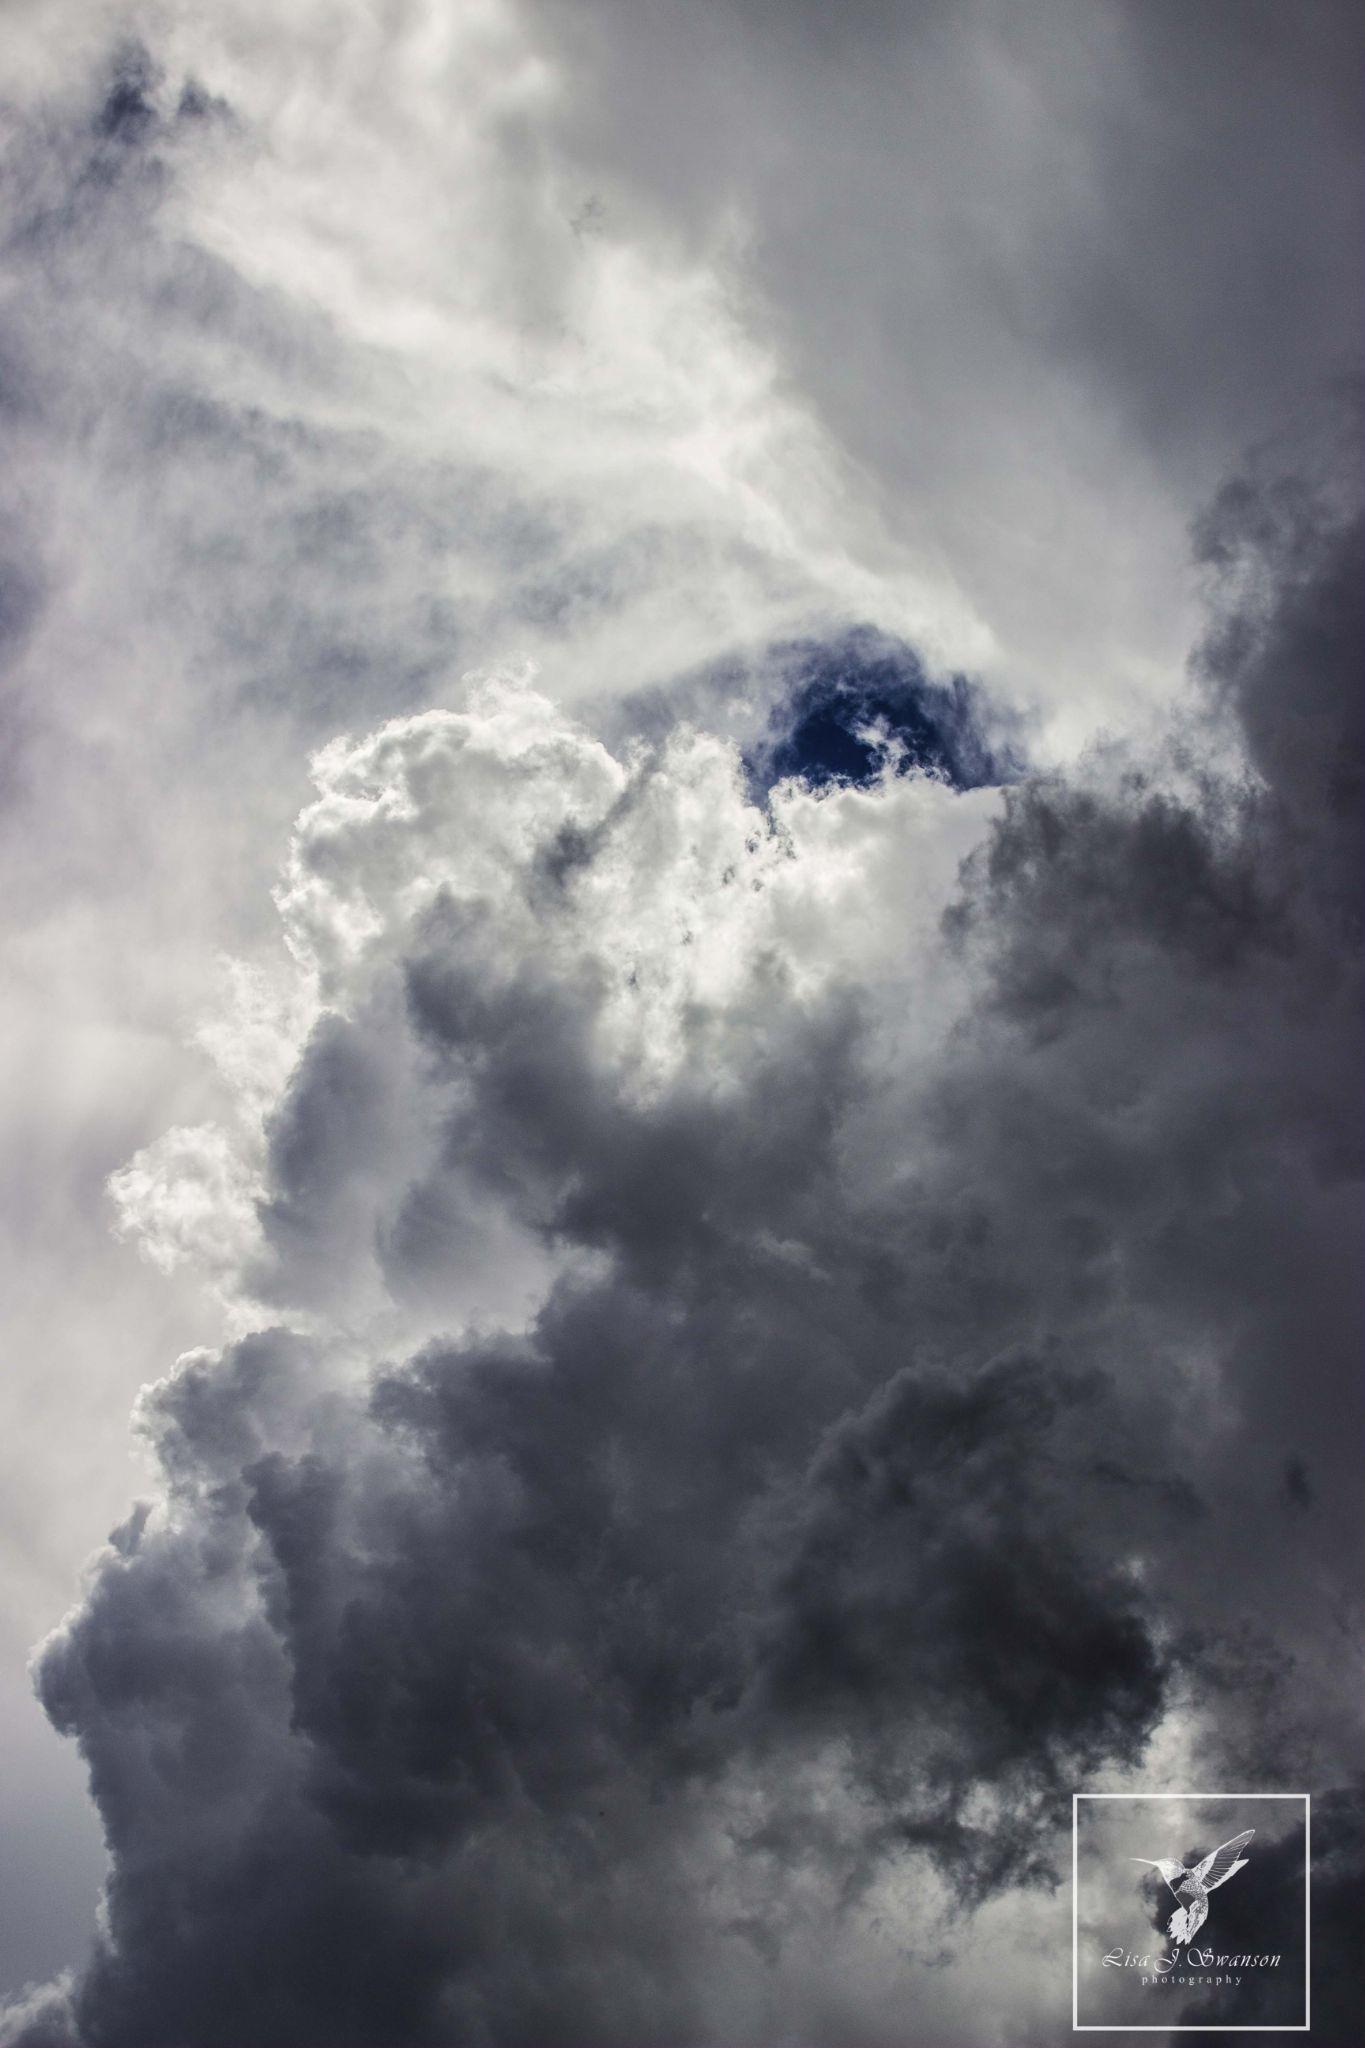 God's eye in the sky by lisa.meyersswanson